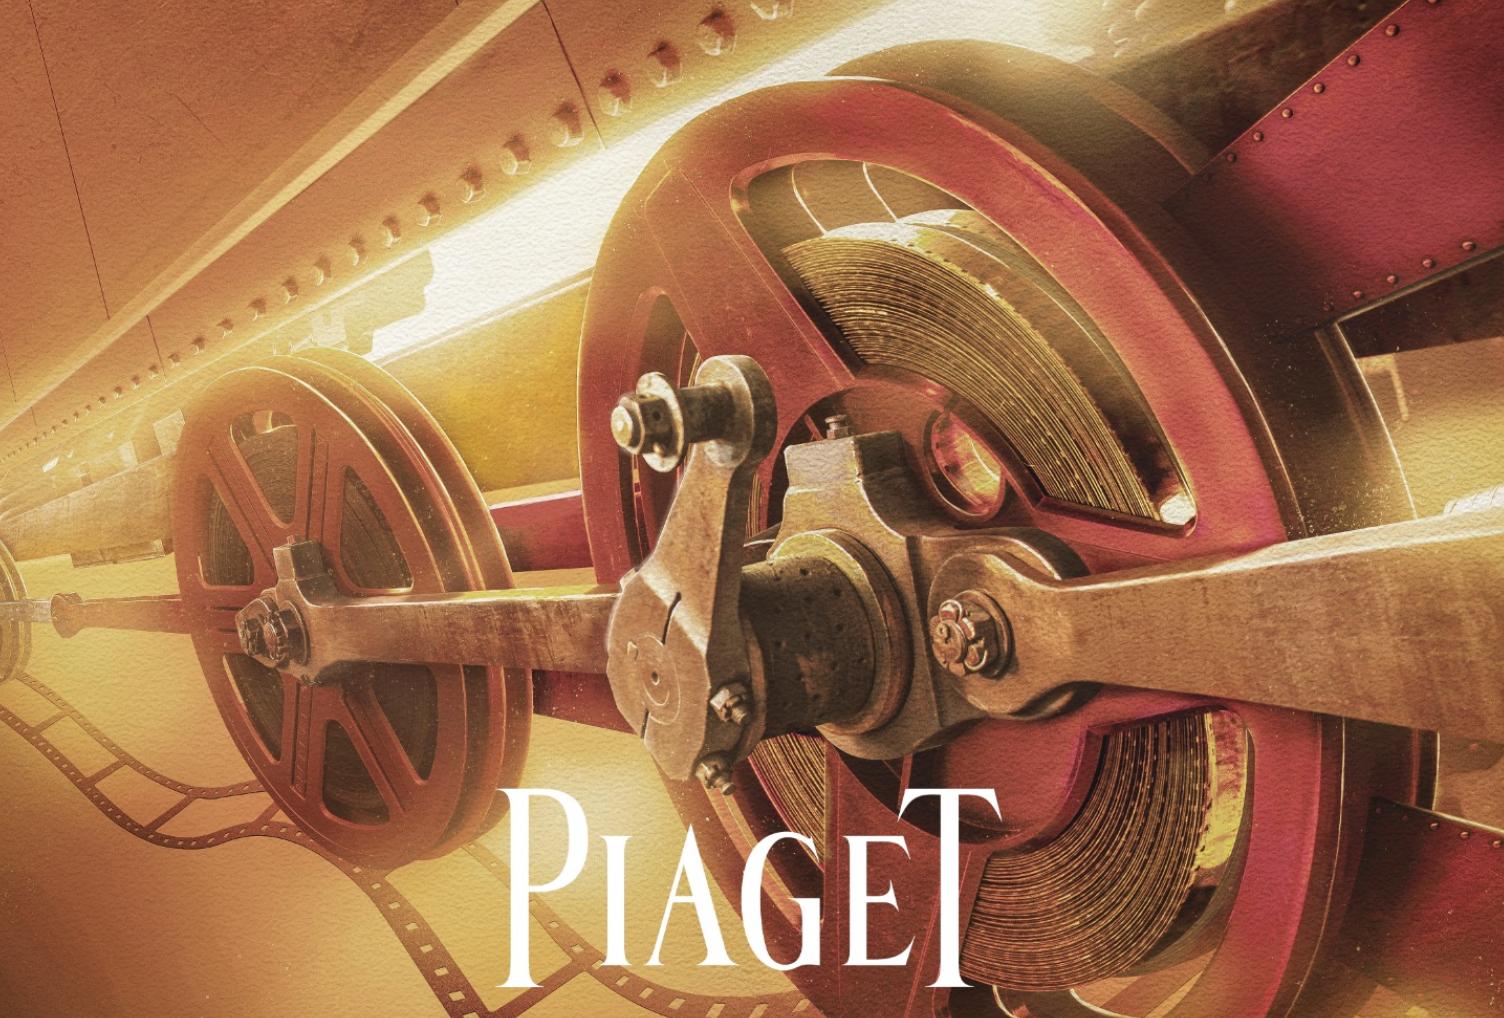 和电影一样,珠宝和钟表都是时间的艺术 | 对话 PIAGET 伯爵中国区行政总裁 Mathieu Delmas